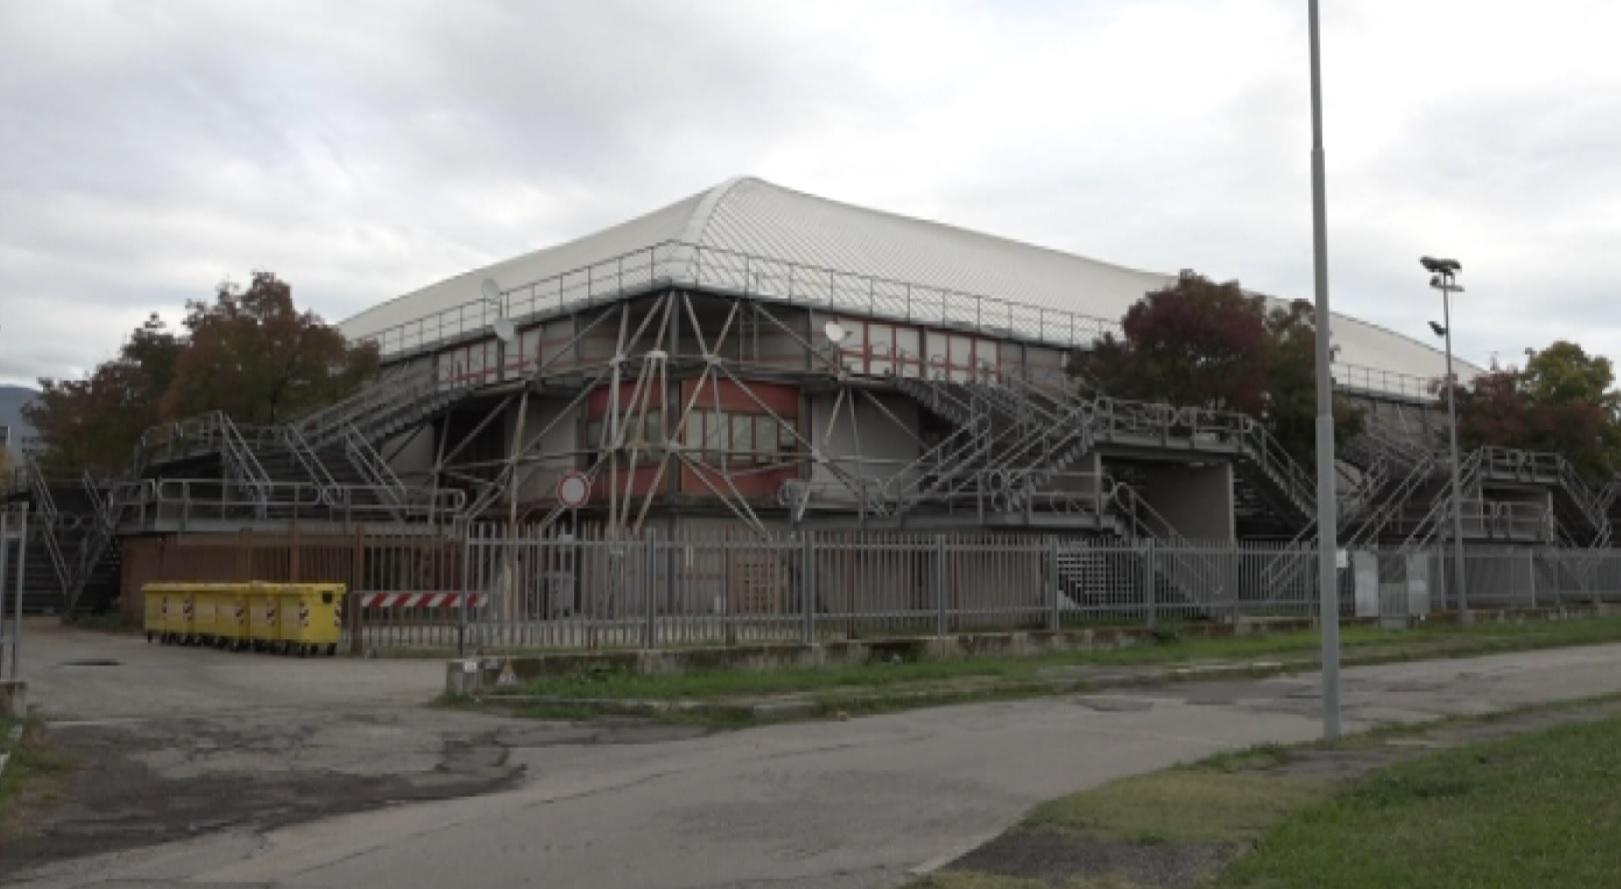 Lavori in corso per l'impianto di ventilazione al Palacarrara a Pistoia